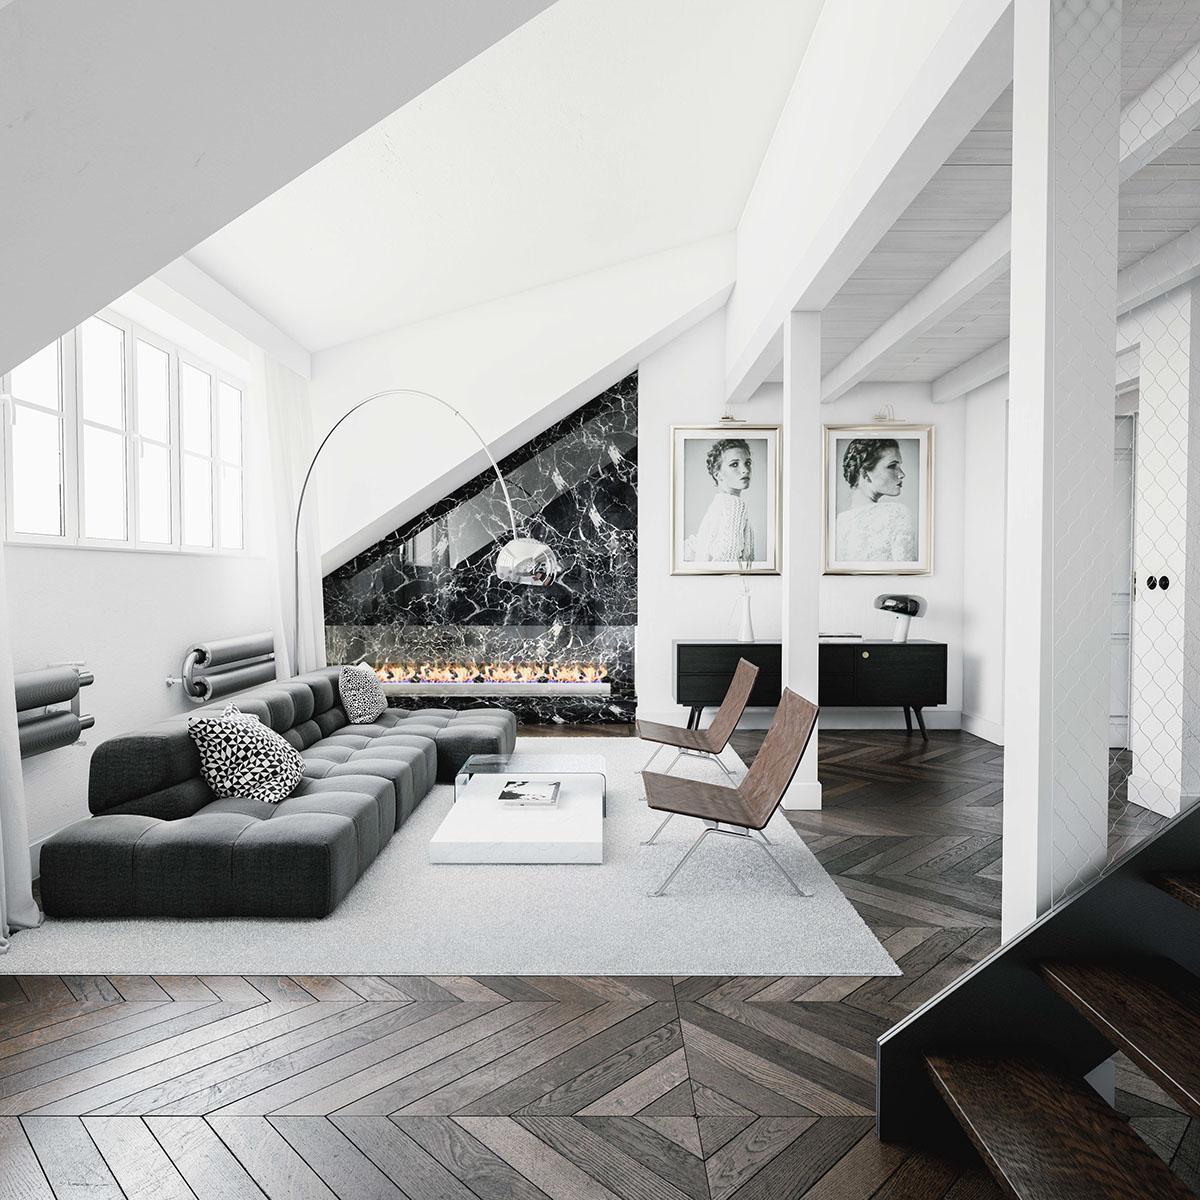 Arredamento soggiorno moderno con tetto spiovente